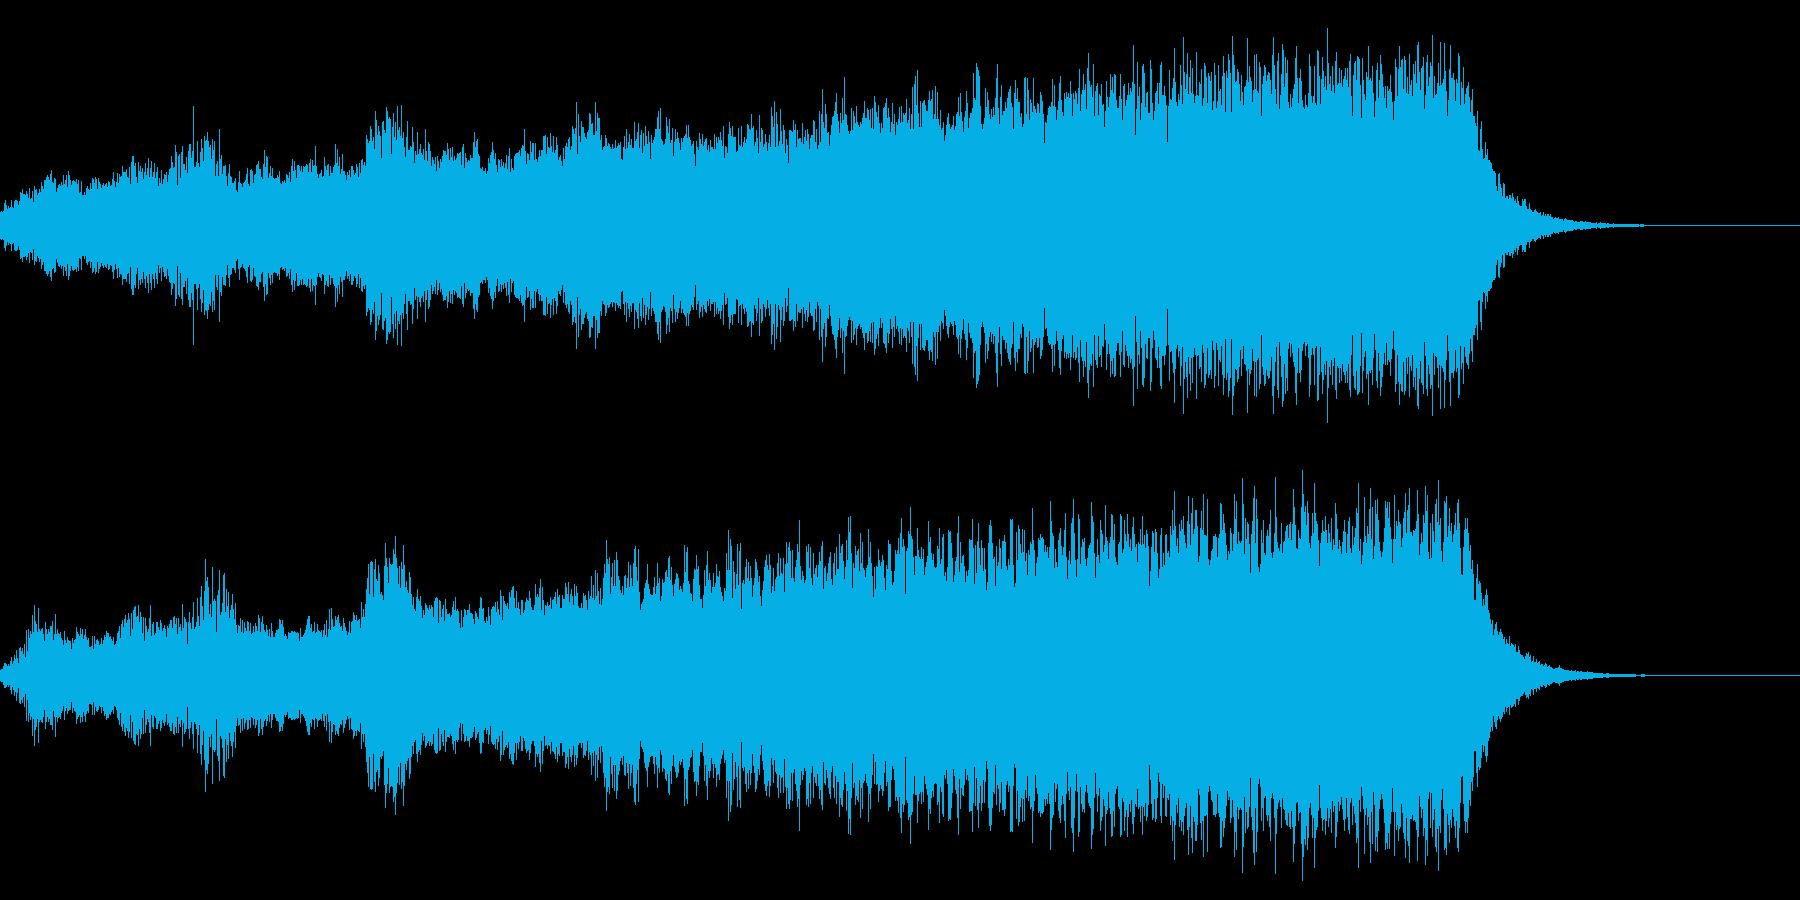 オープニング 華やかなオーケストラ 映画の再生済みの波形